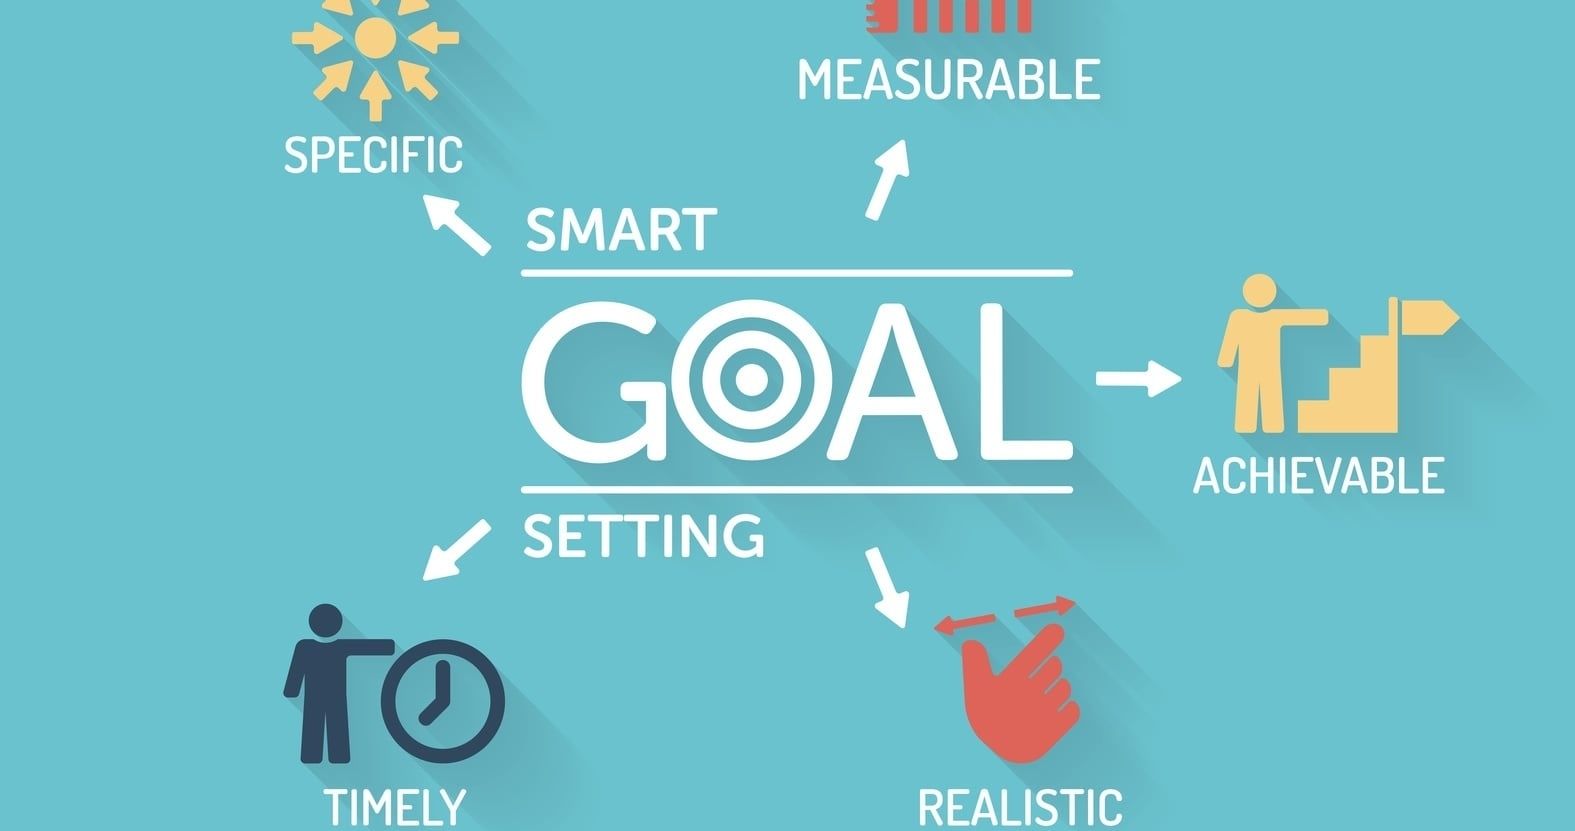 Top 3 Smart Goals